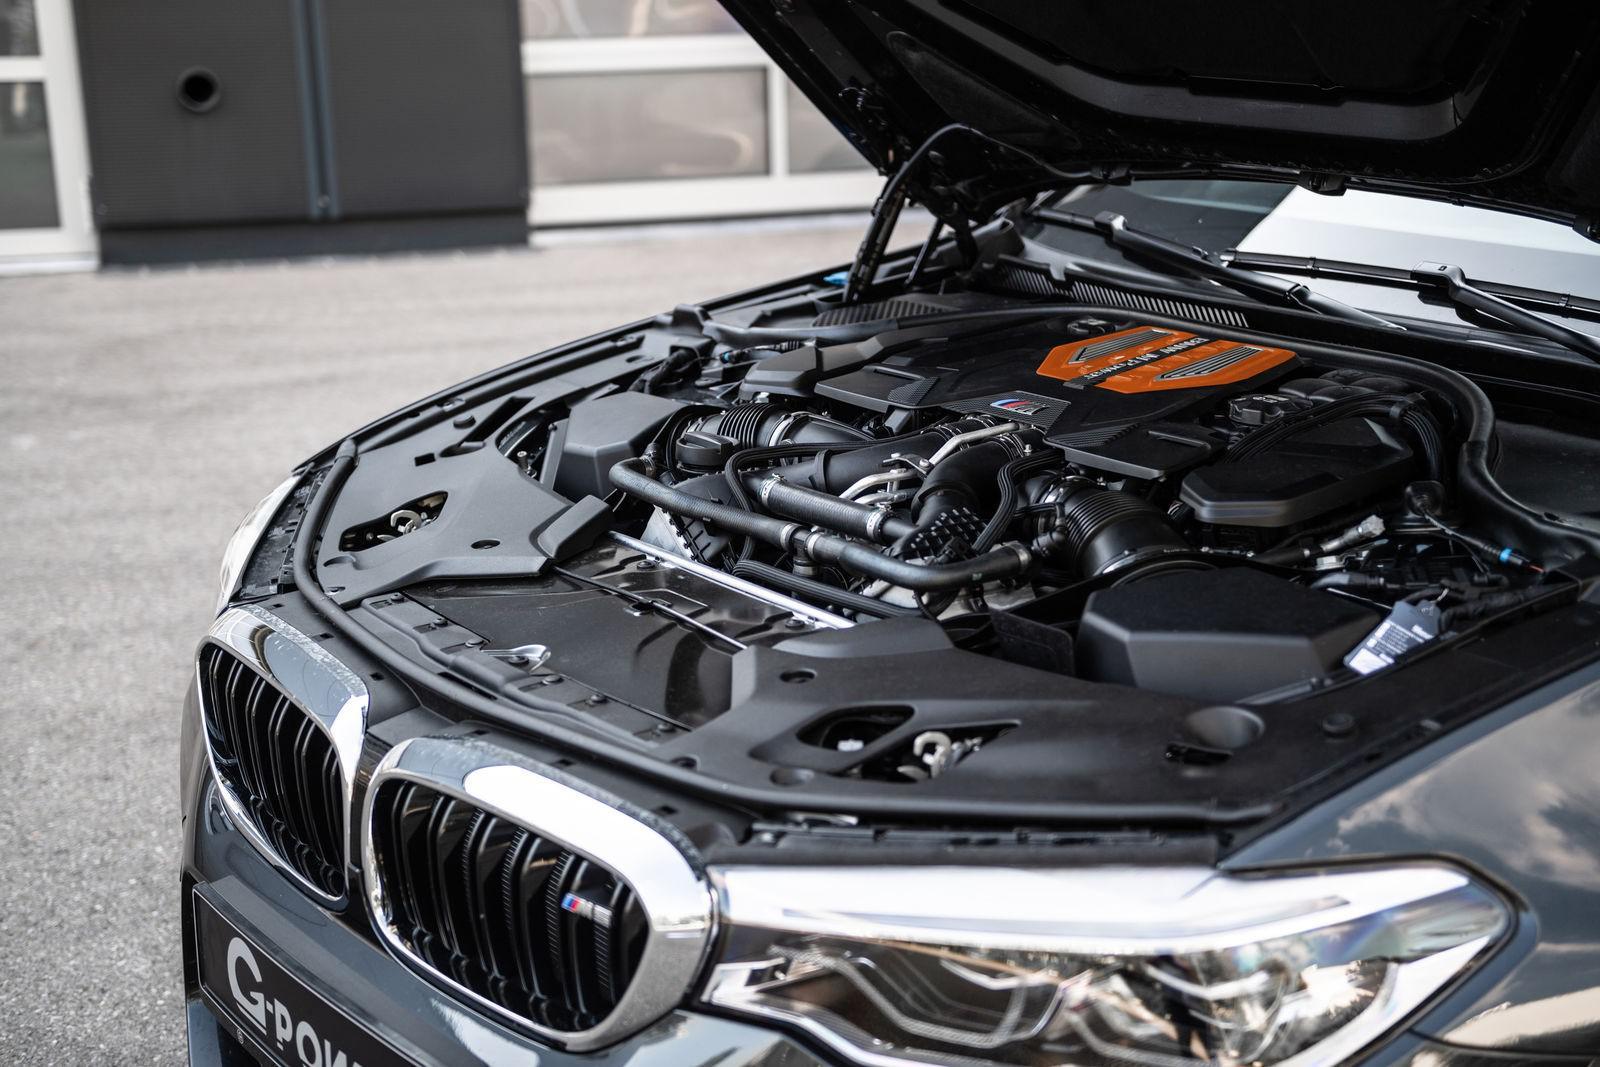 bmw-m5-f90-g-power-berline-de-puissance-avec-les-performances-d-une-super-voiture-de-sport-874-2.jpg